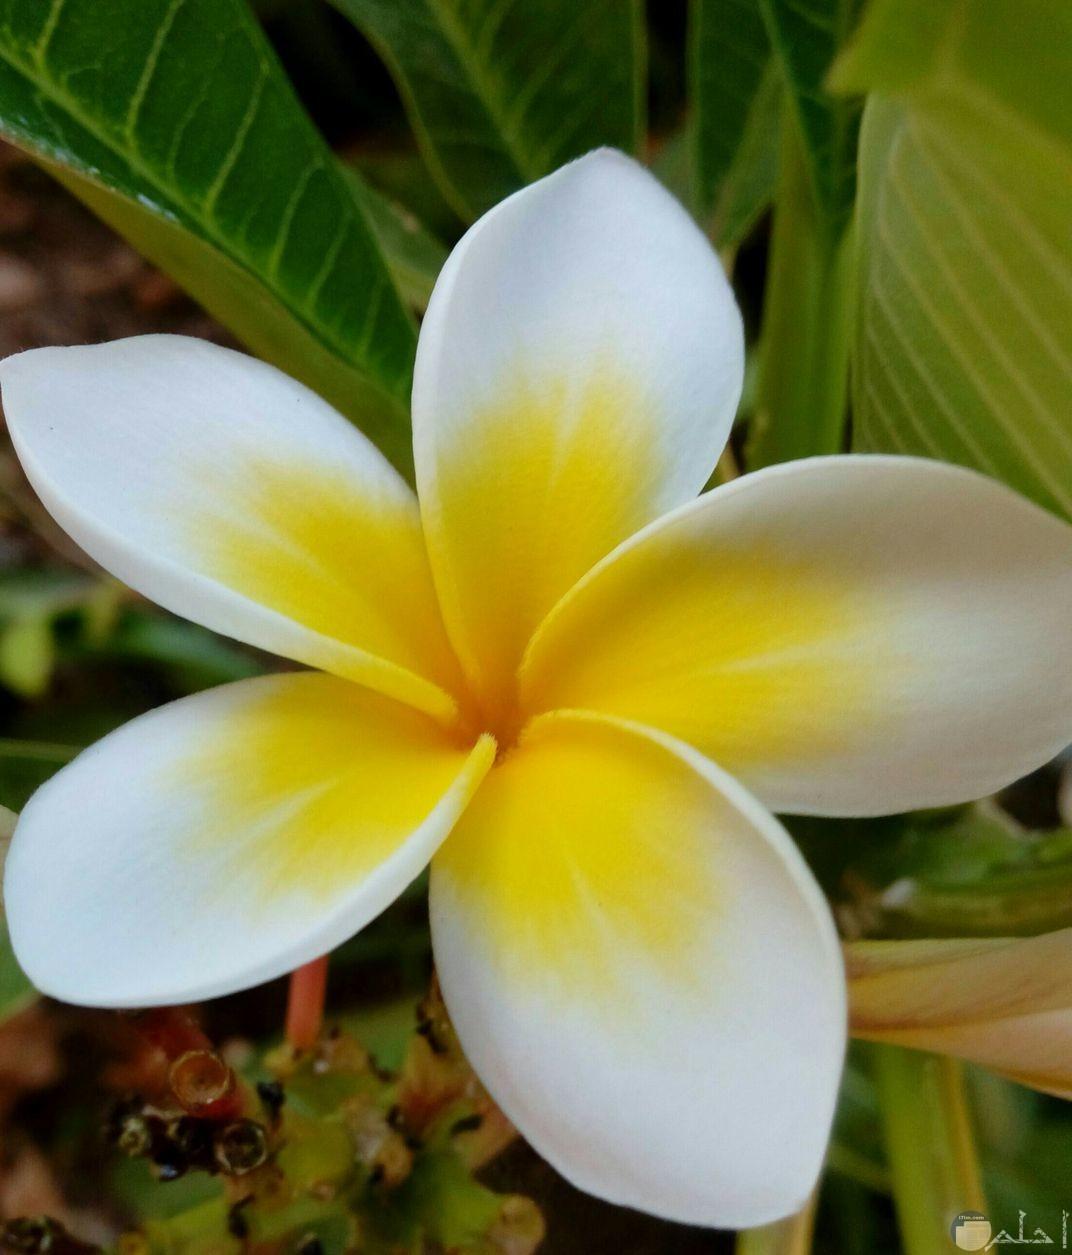 زهرة الياسمين المصرية المميزة بالونين الأبيض و الأصفر الخلاب.